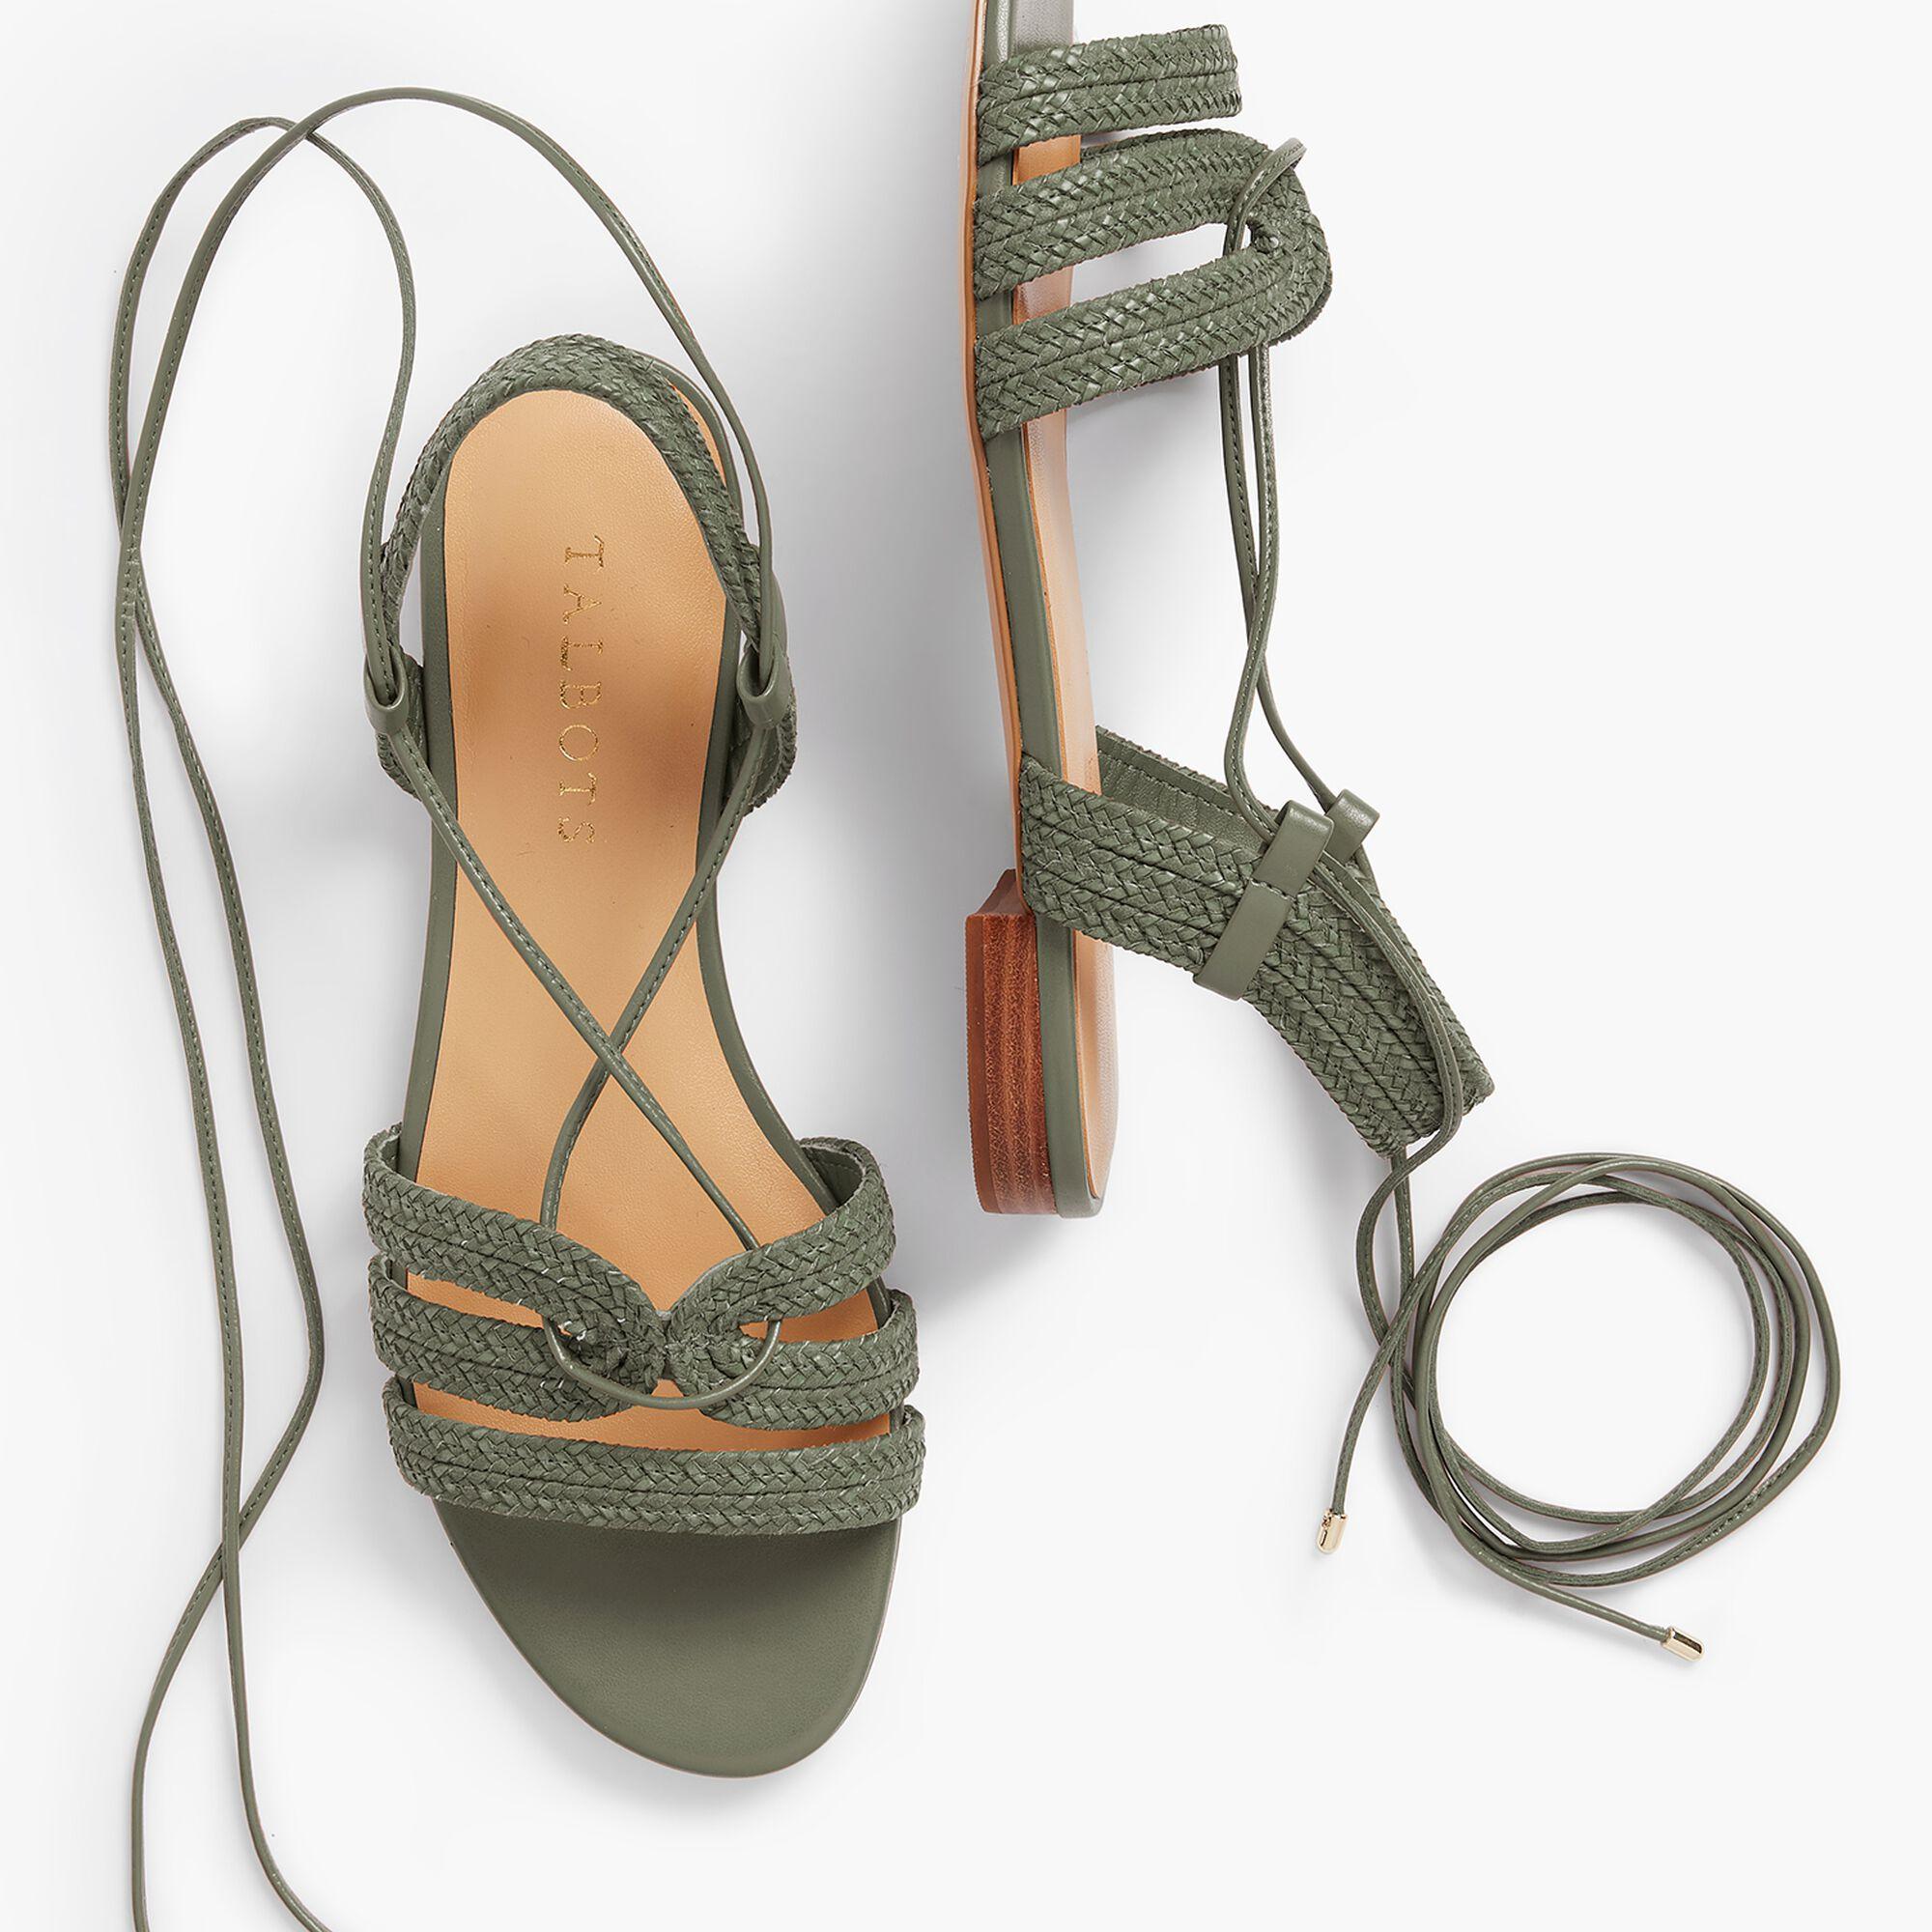 bd2557af4b6d Keri Braided Lace-Up Sandals